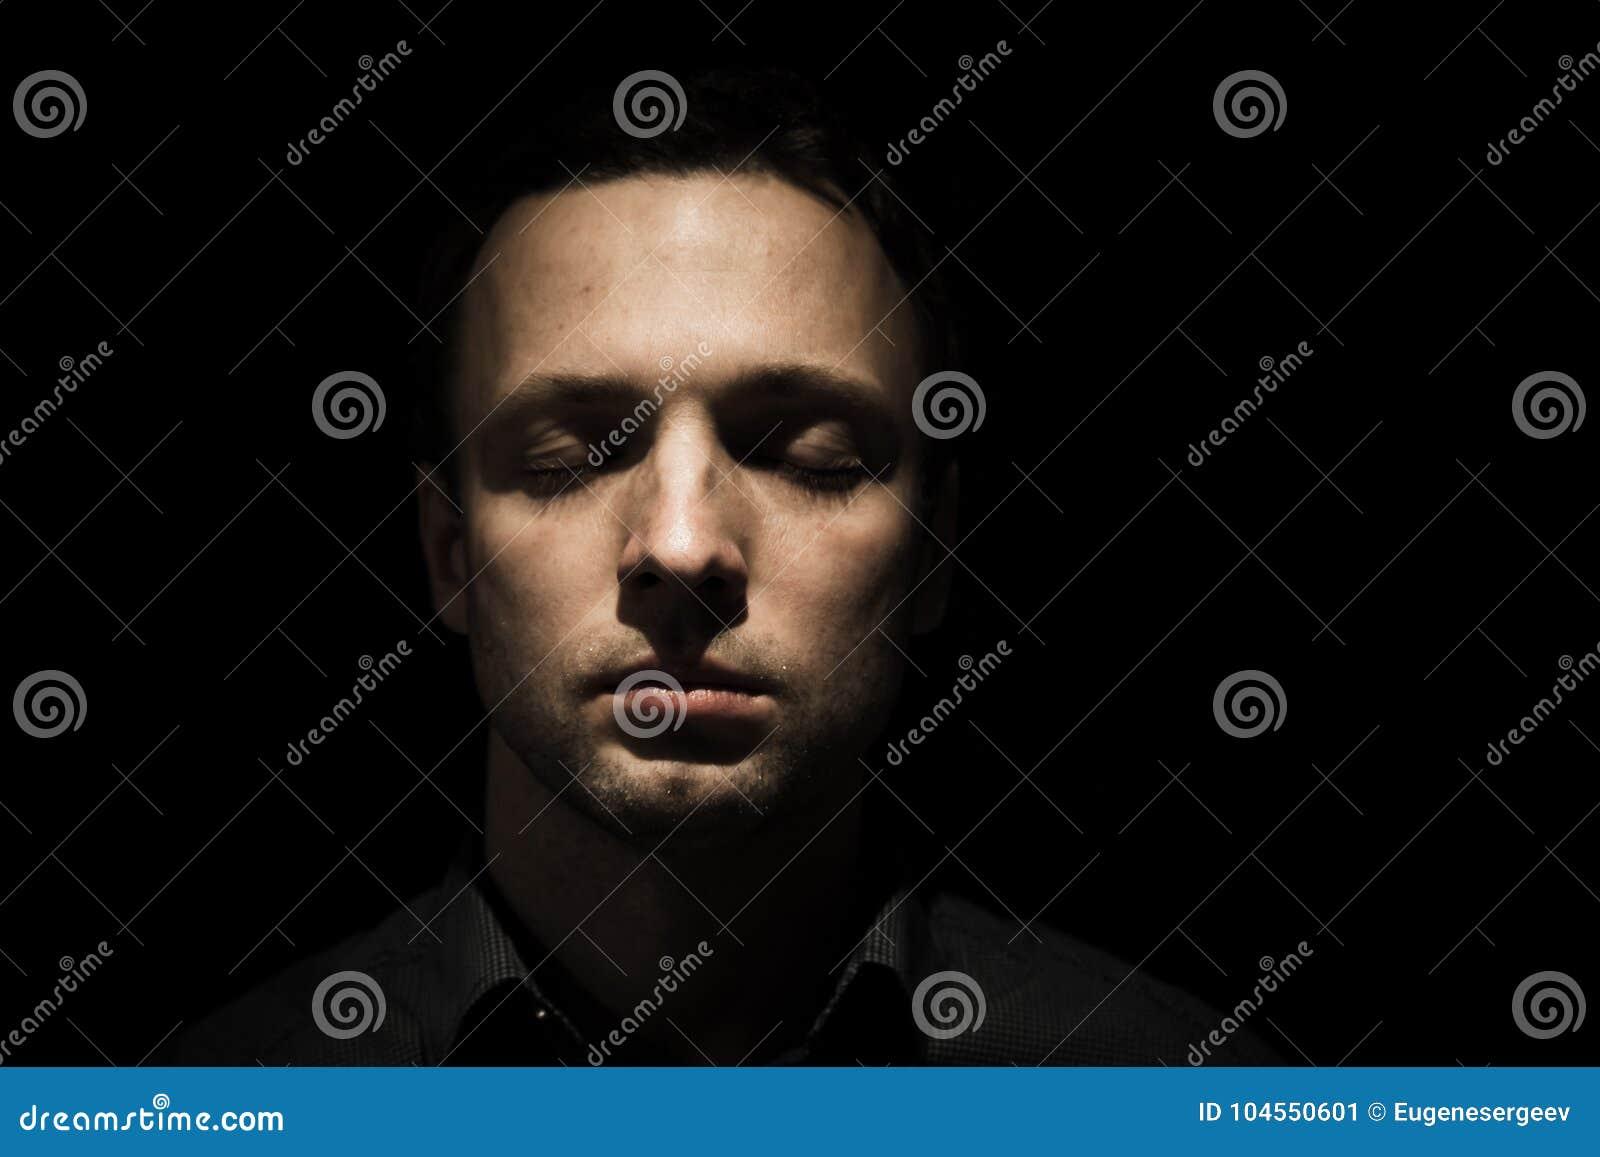 Haga frente al retrato del hombre joven con los ojos cerrados